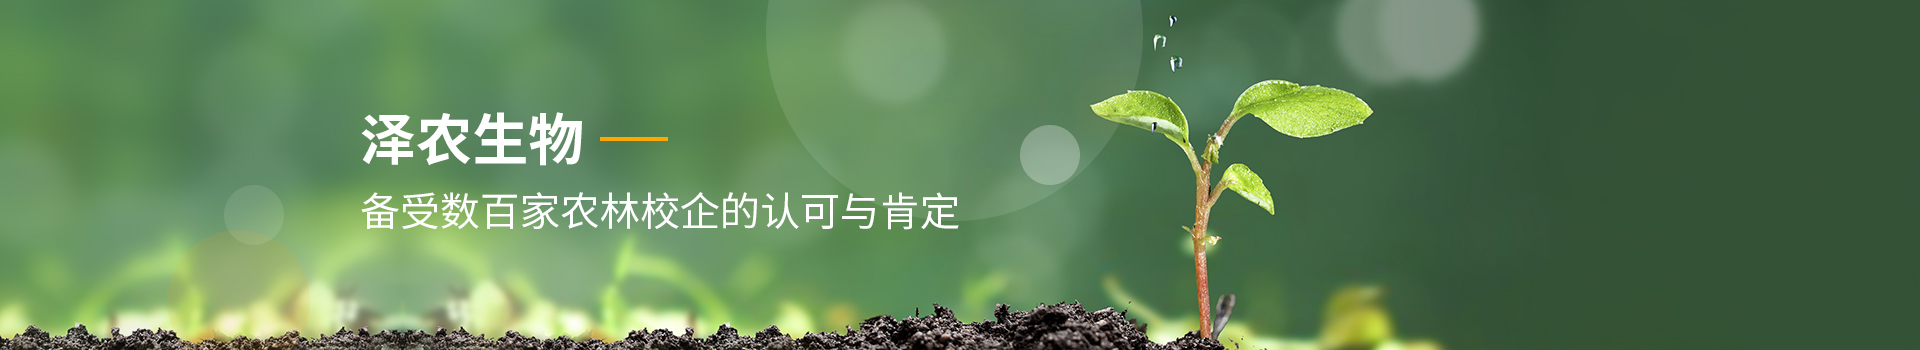 泽农生物备受百家农林校企的认可与肯定